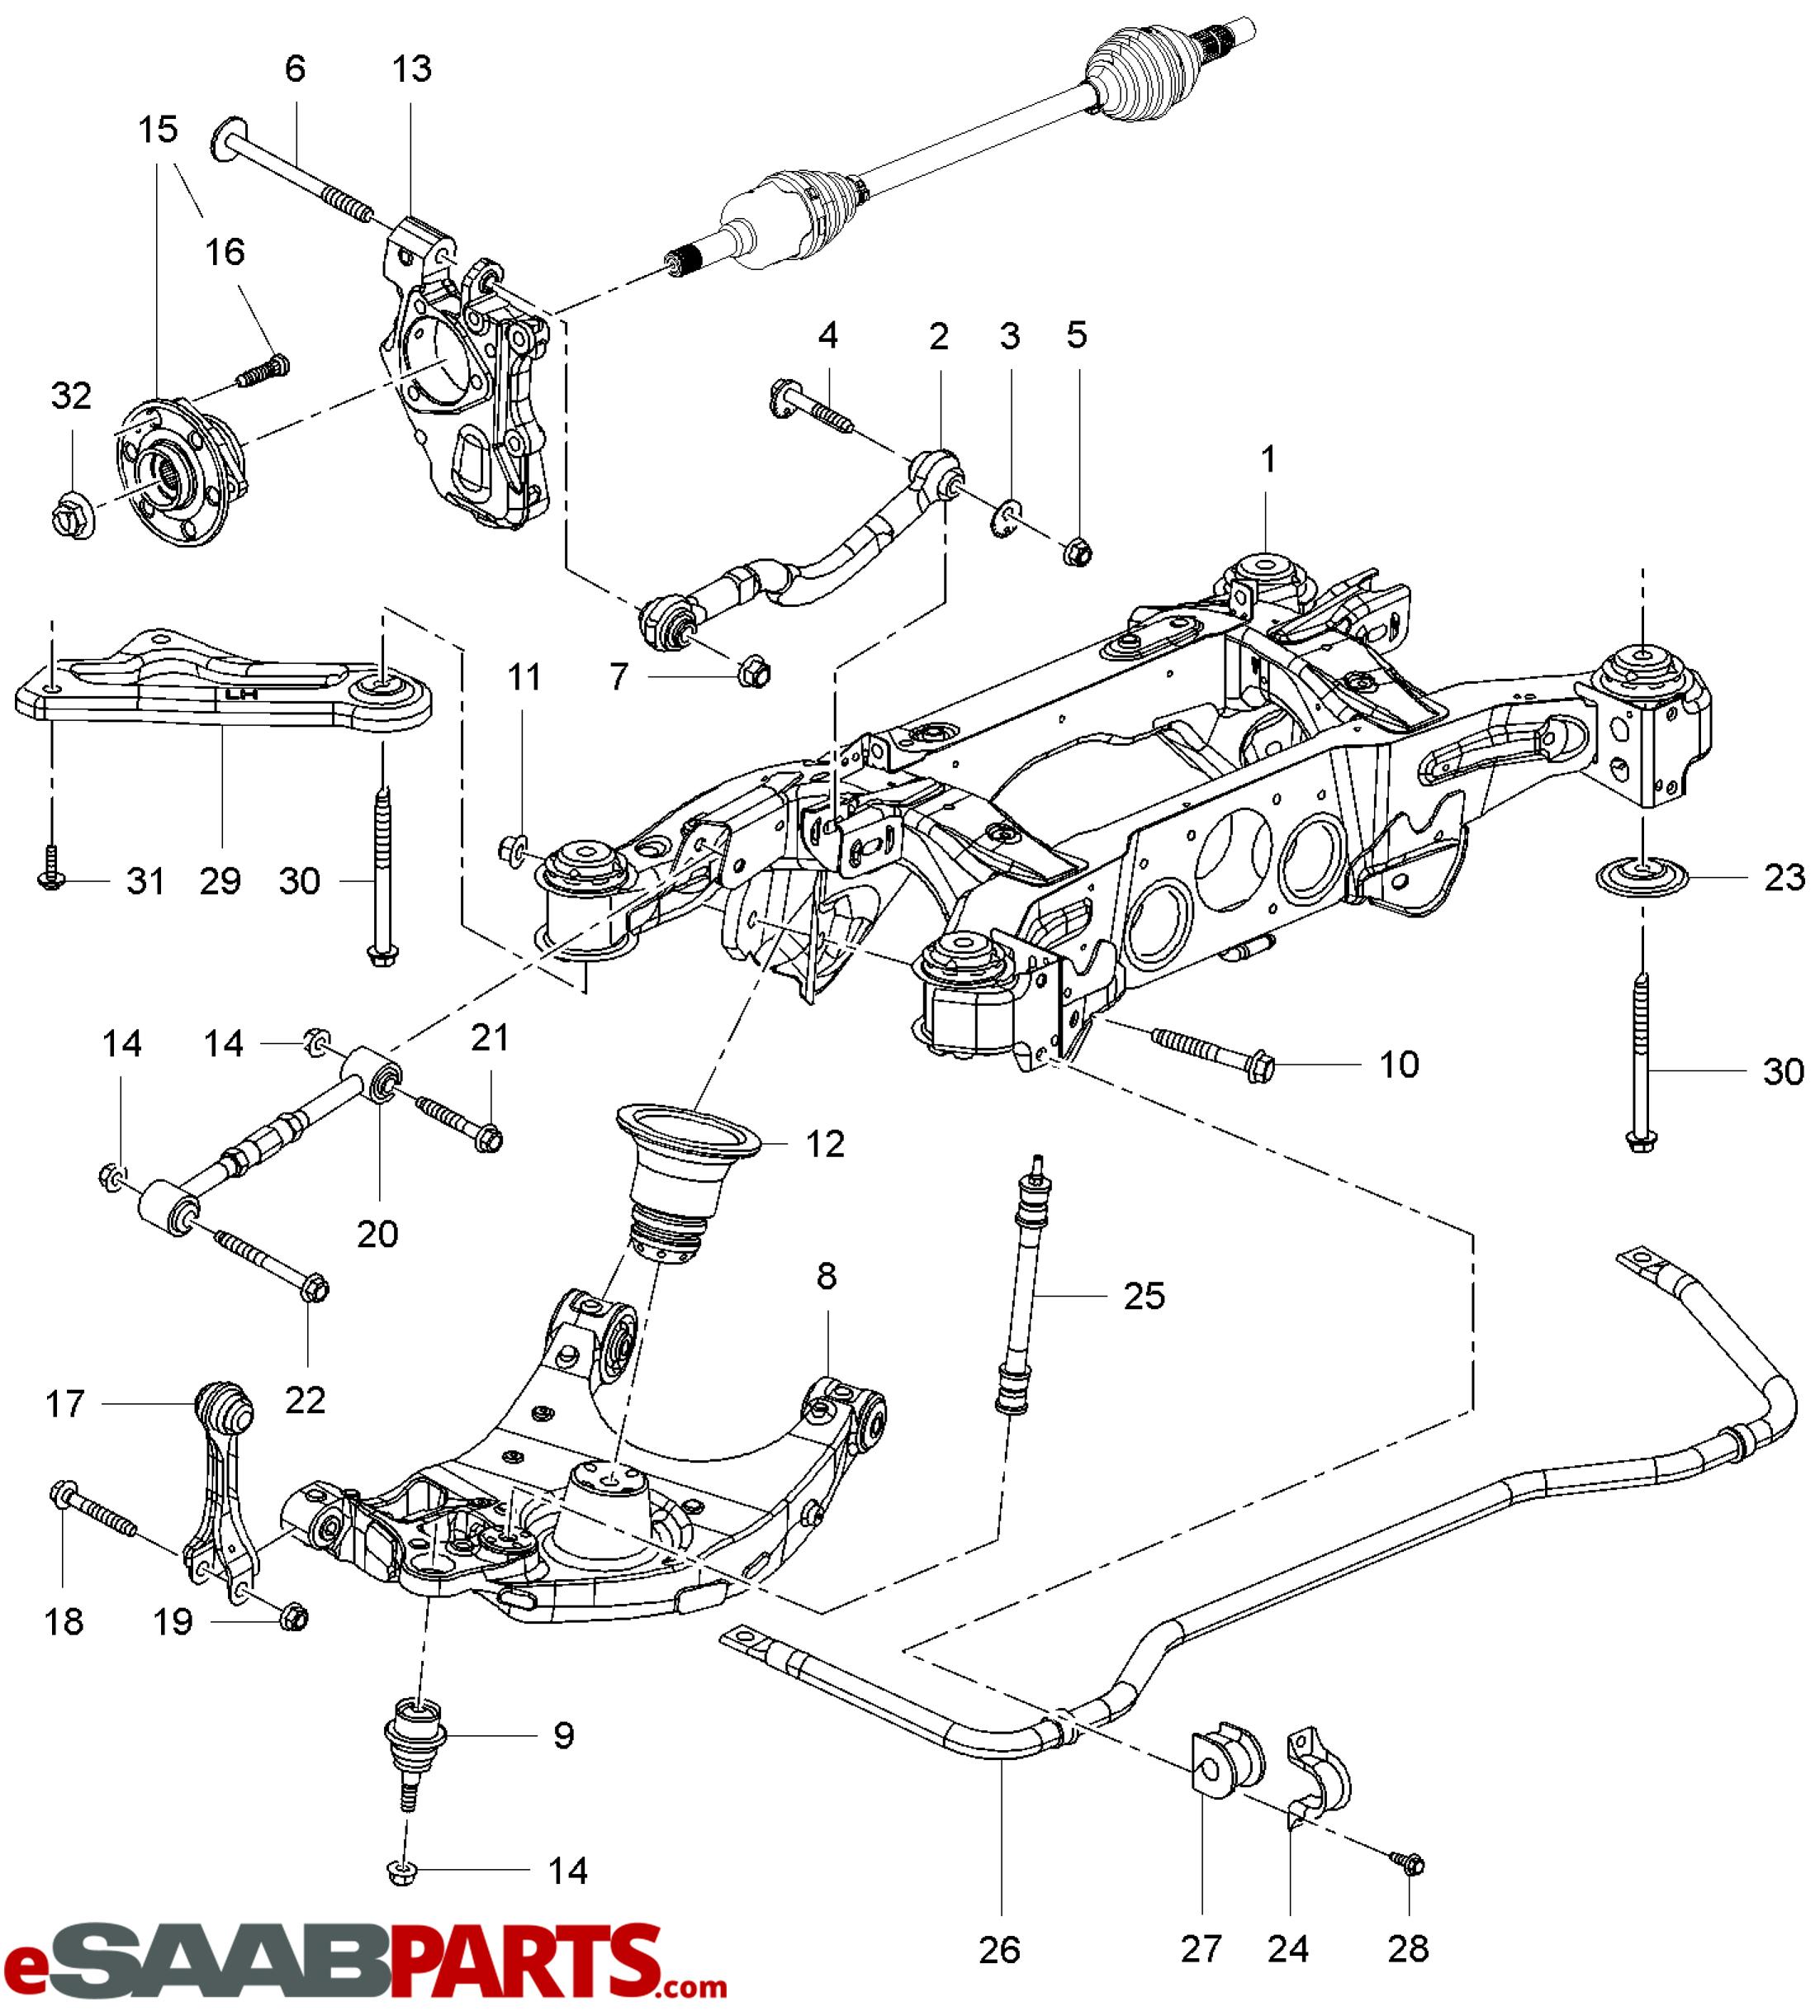 2002 saab 9 3 fuse diagram